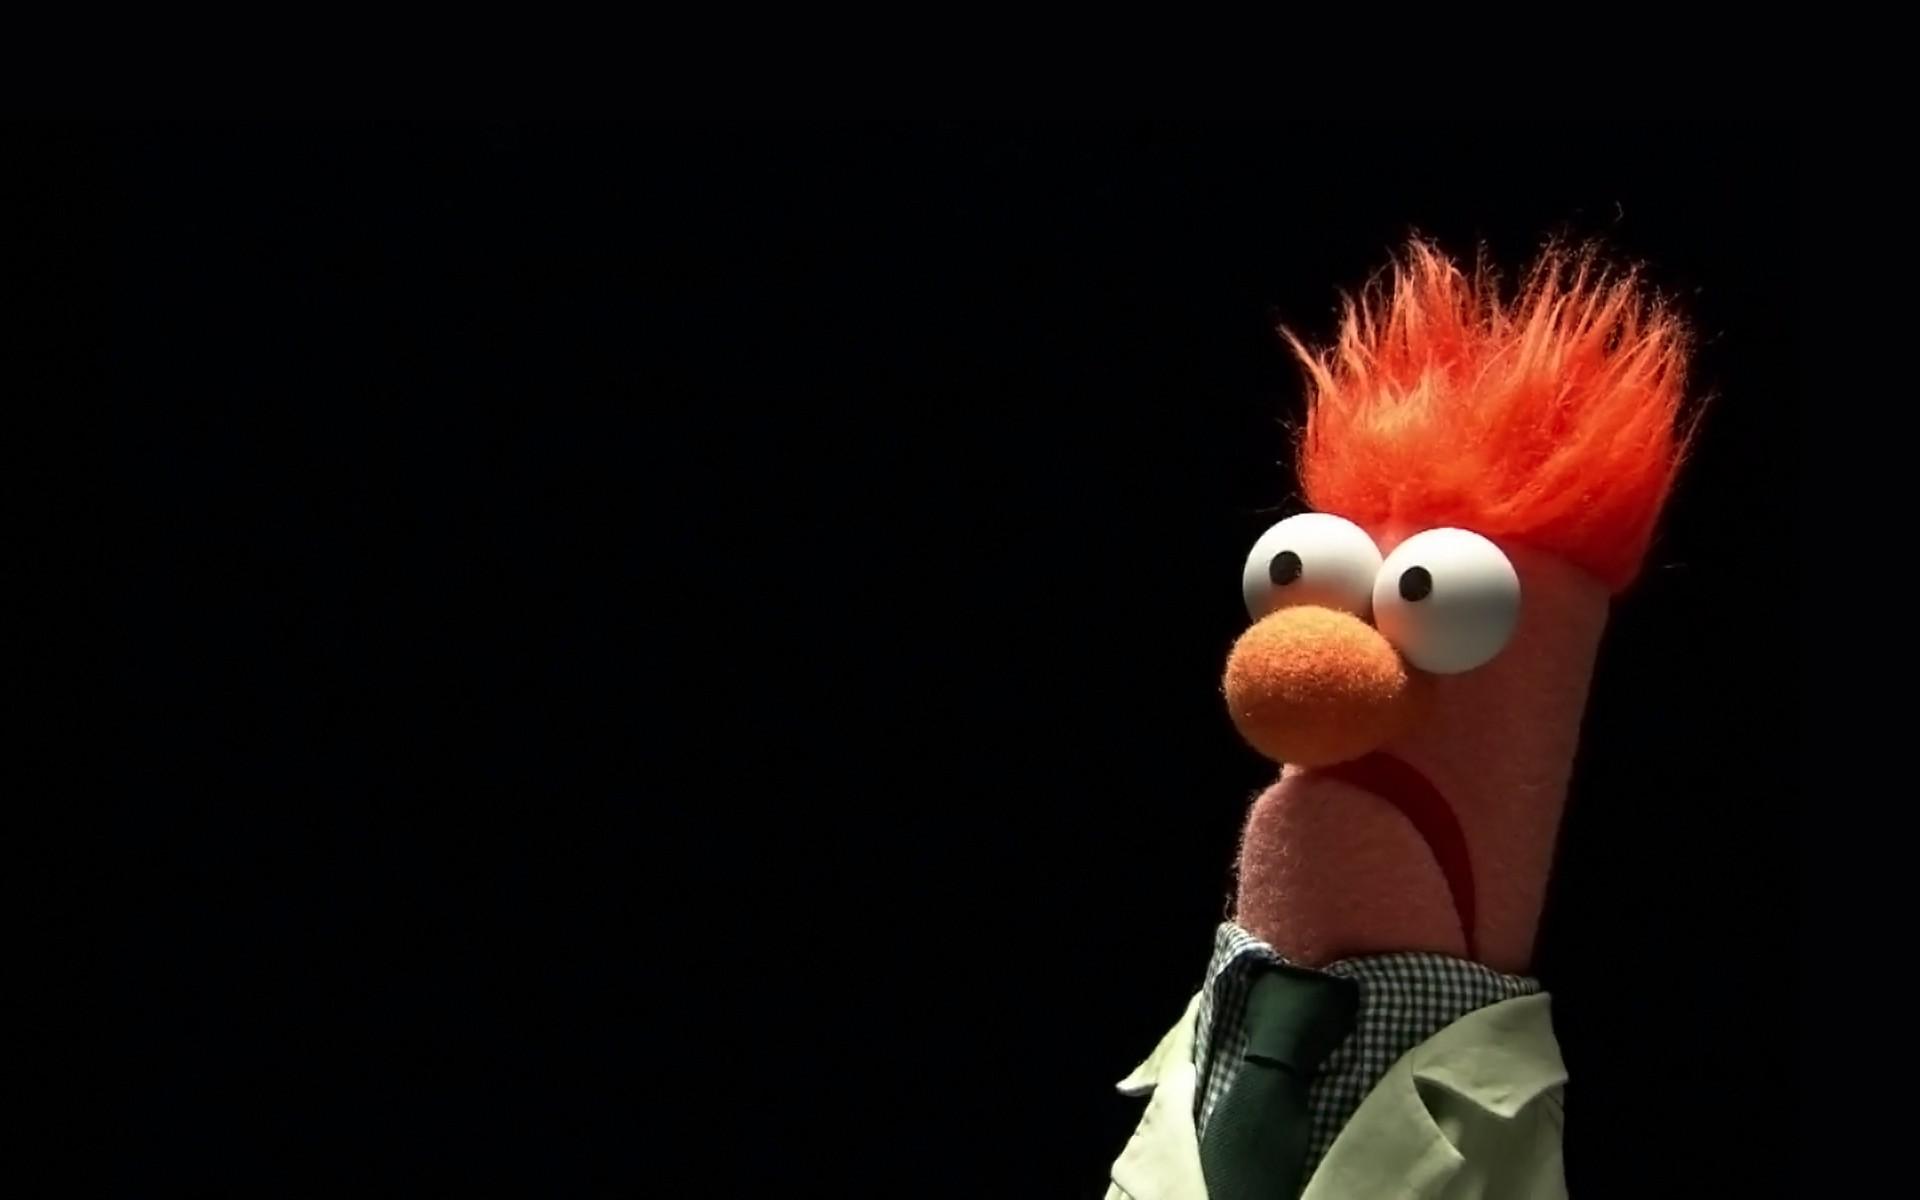 beaker eyes black background tie